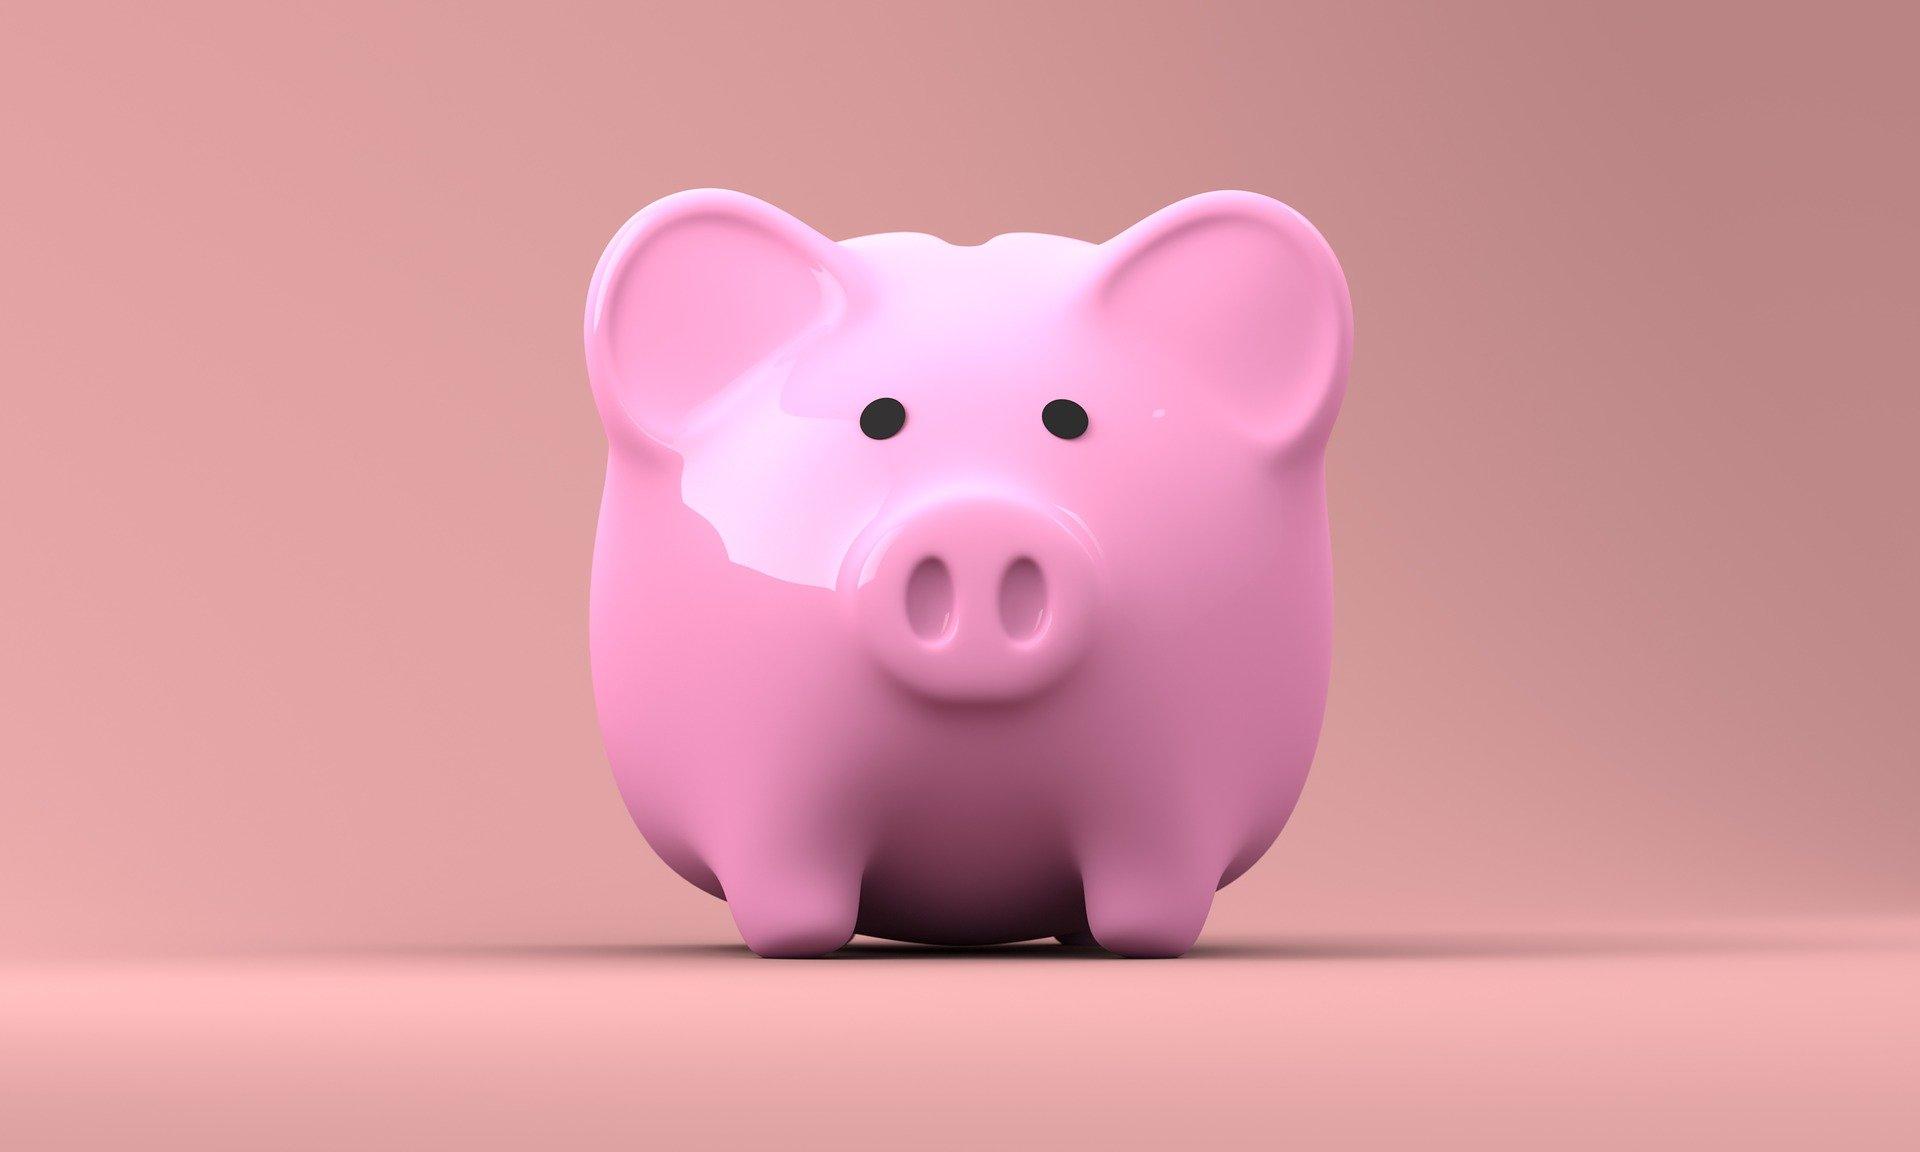 Dziedziczenie długów, kiedy należy się go obawiać?